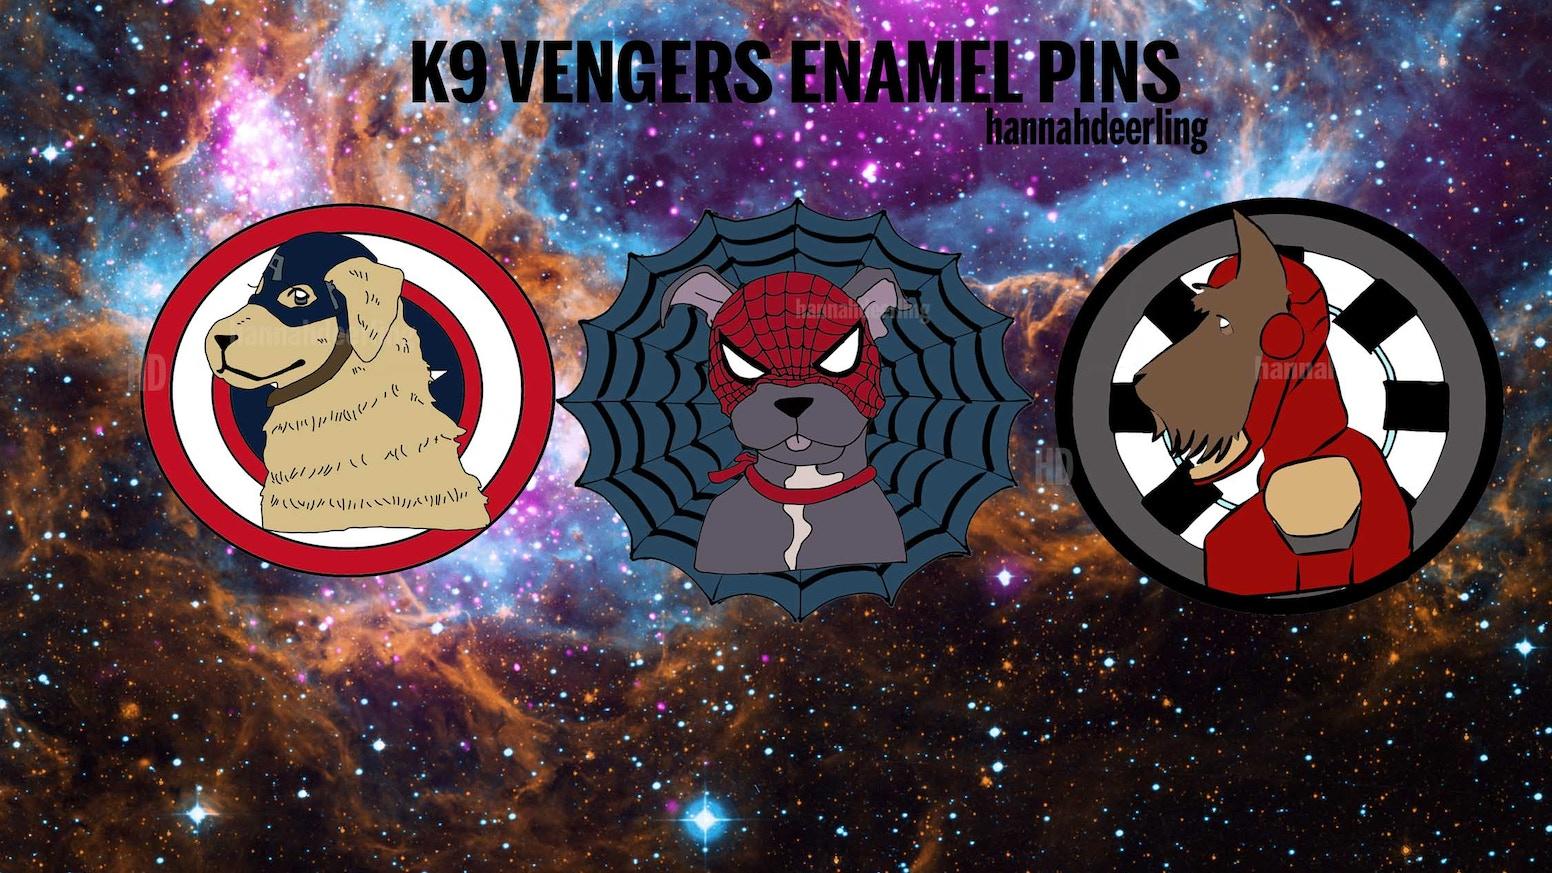 Golden Retriever Cap America, Scottish Terrier Iron Dog, & Pitbull Peter Barker Enamel Pins